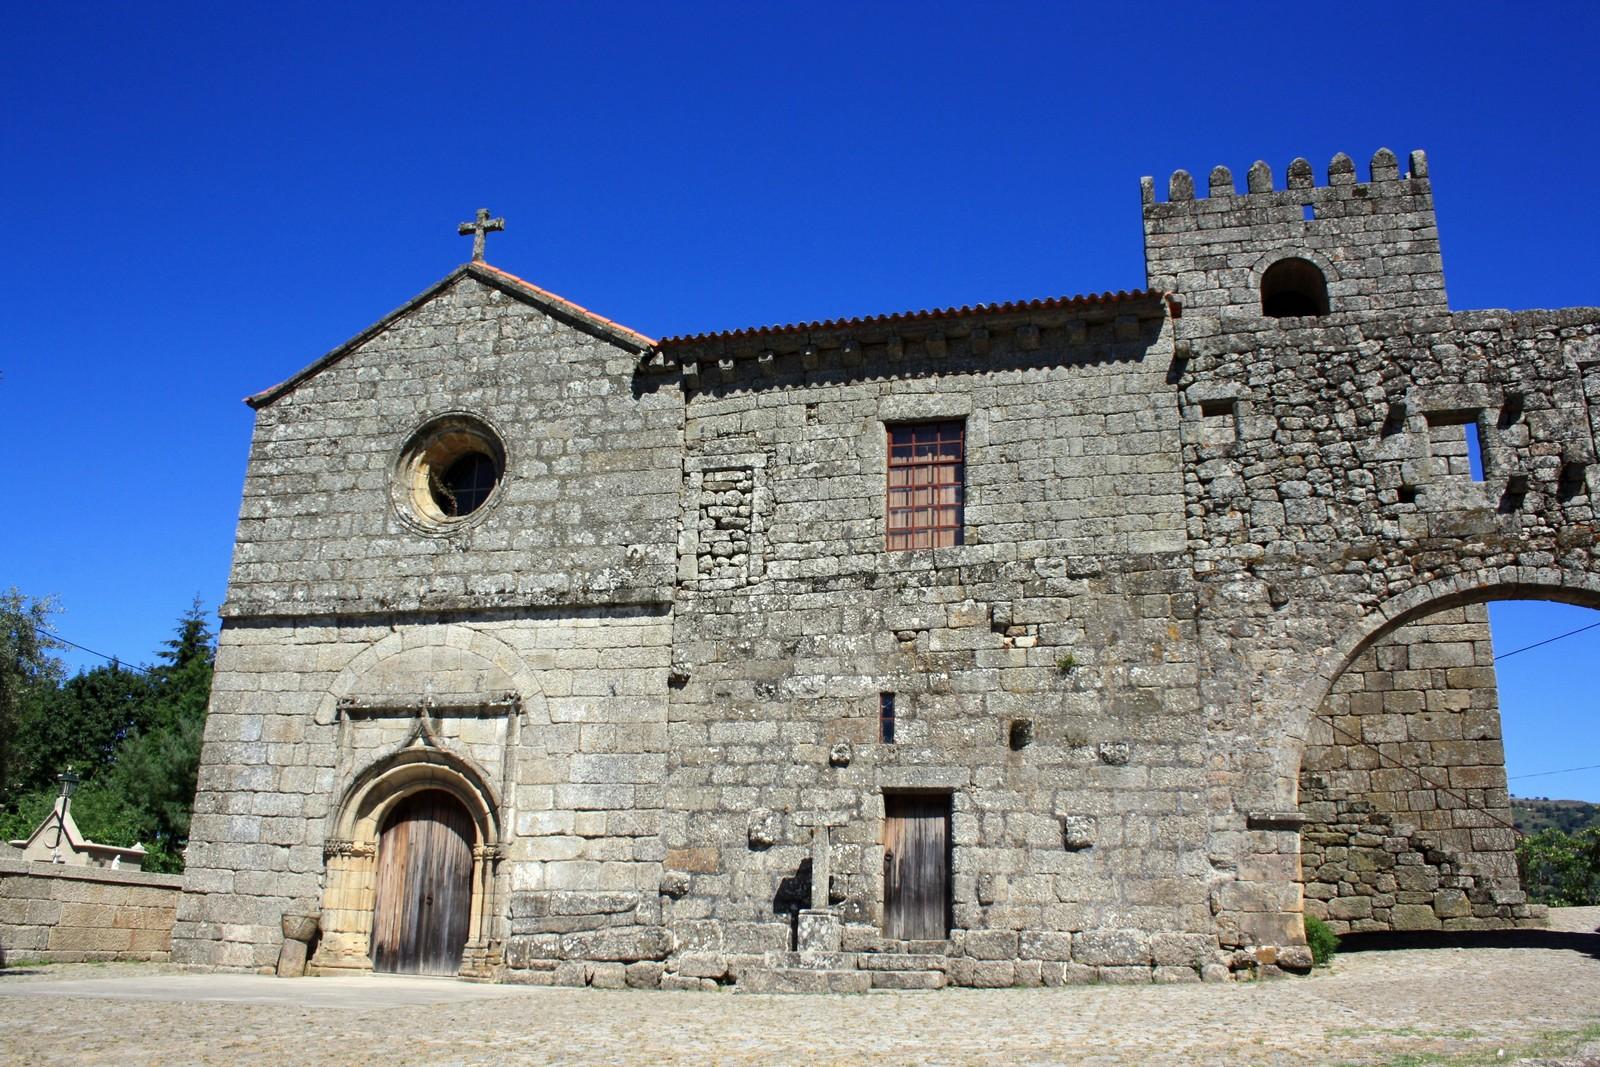 Aparición para Curar al Futuro Rey: Nuestra Señora de Cárquere, Portugal (30 de agosto)